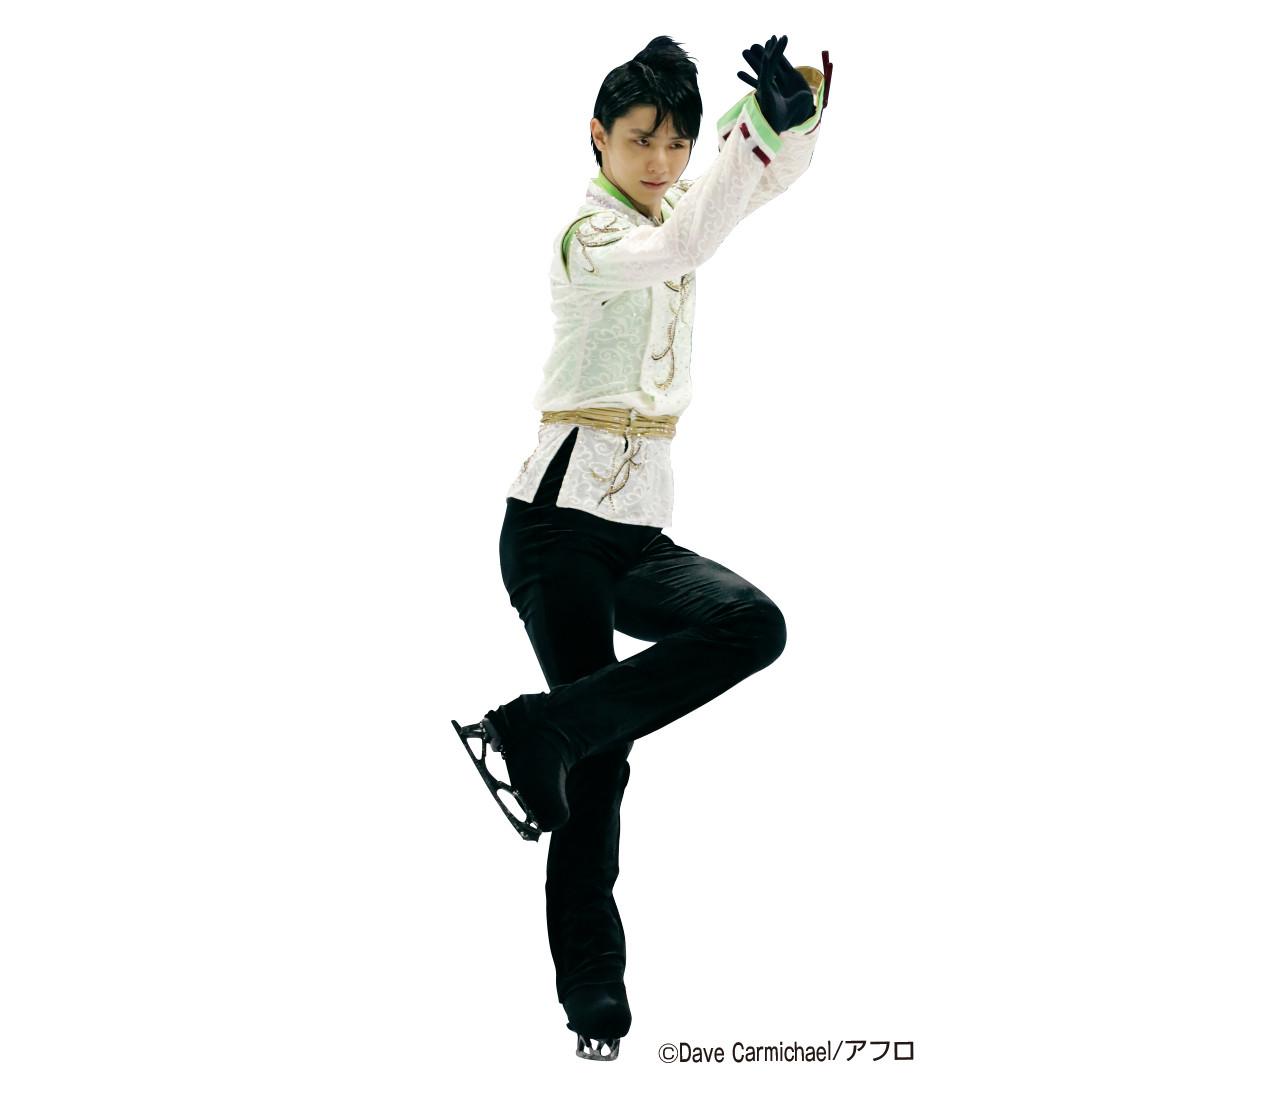 【日本男子フィギュアスケーター】羽生結弦、宇野昌磨…北京五輪で注目すべき4人をピックアップ!